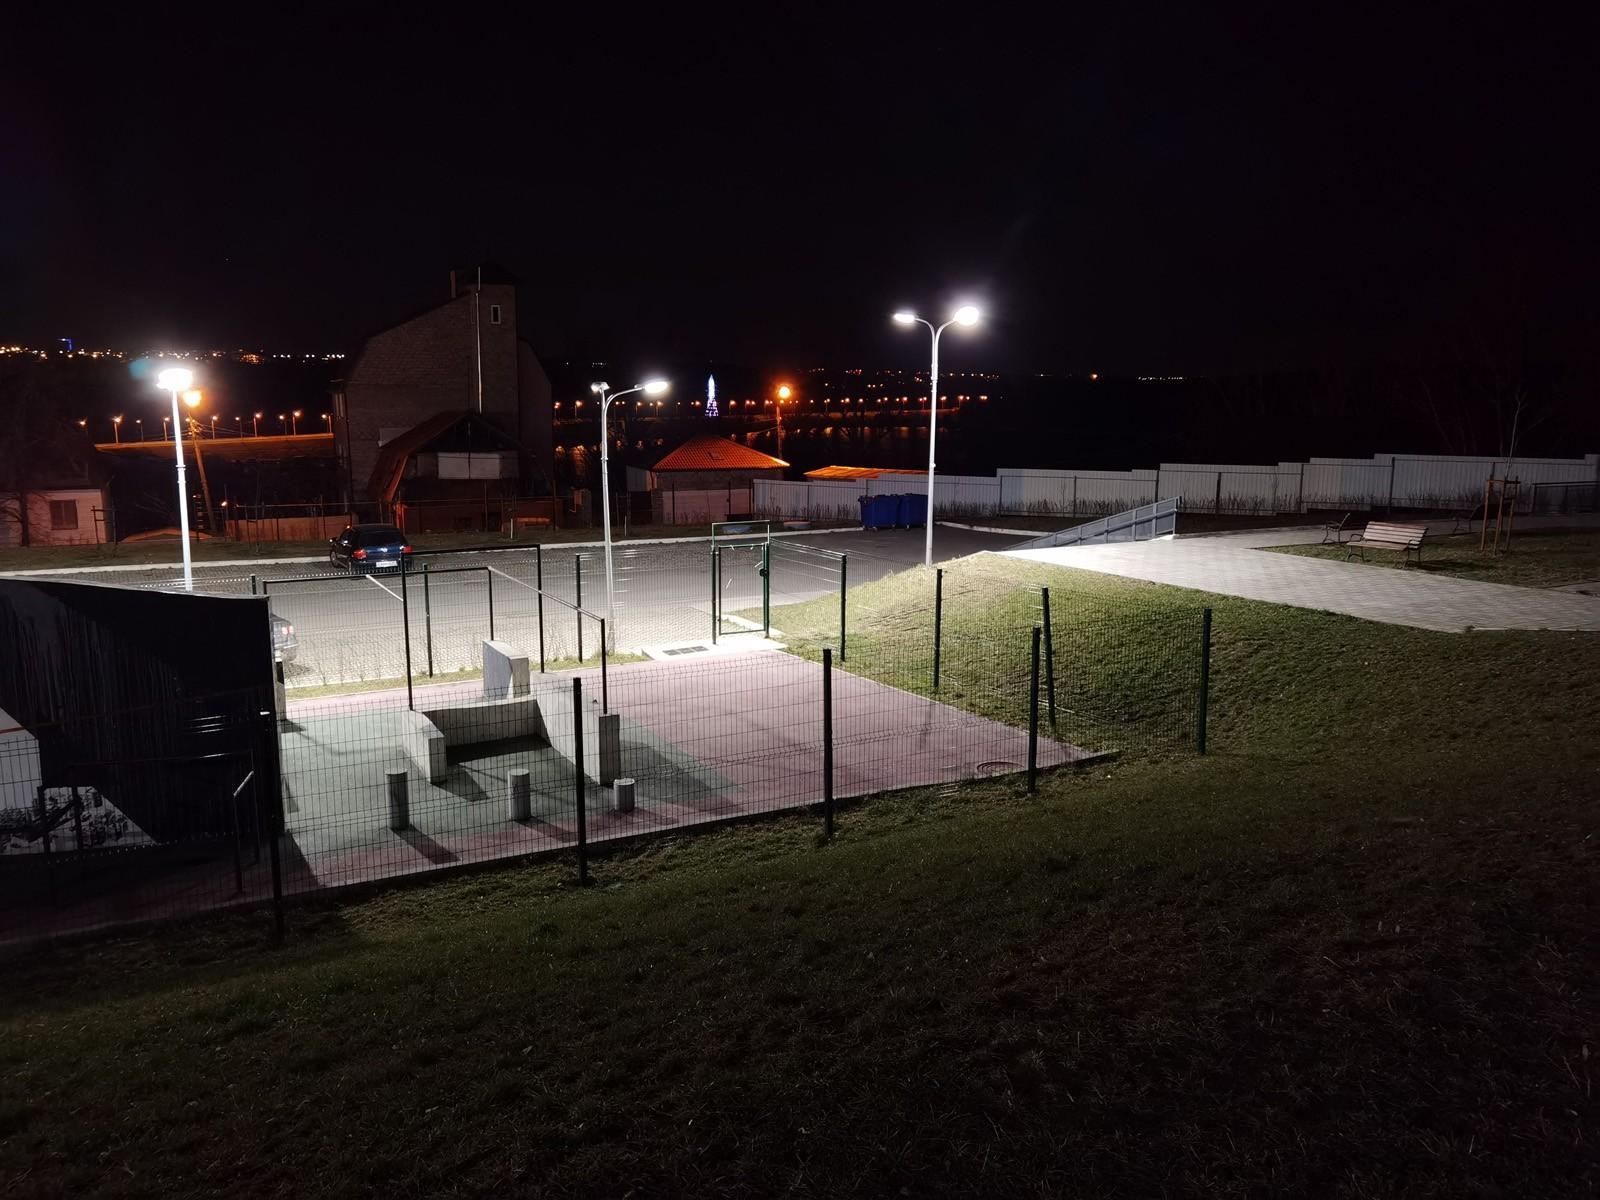 1x пример снимка ночью на основную камеру Huawei P40 Pro